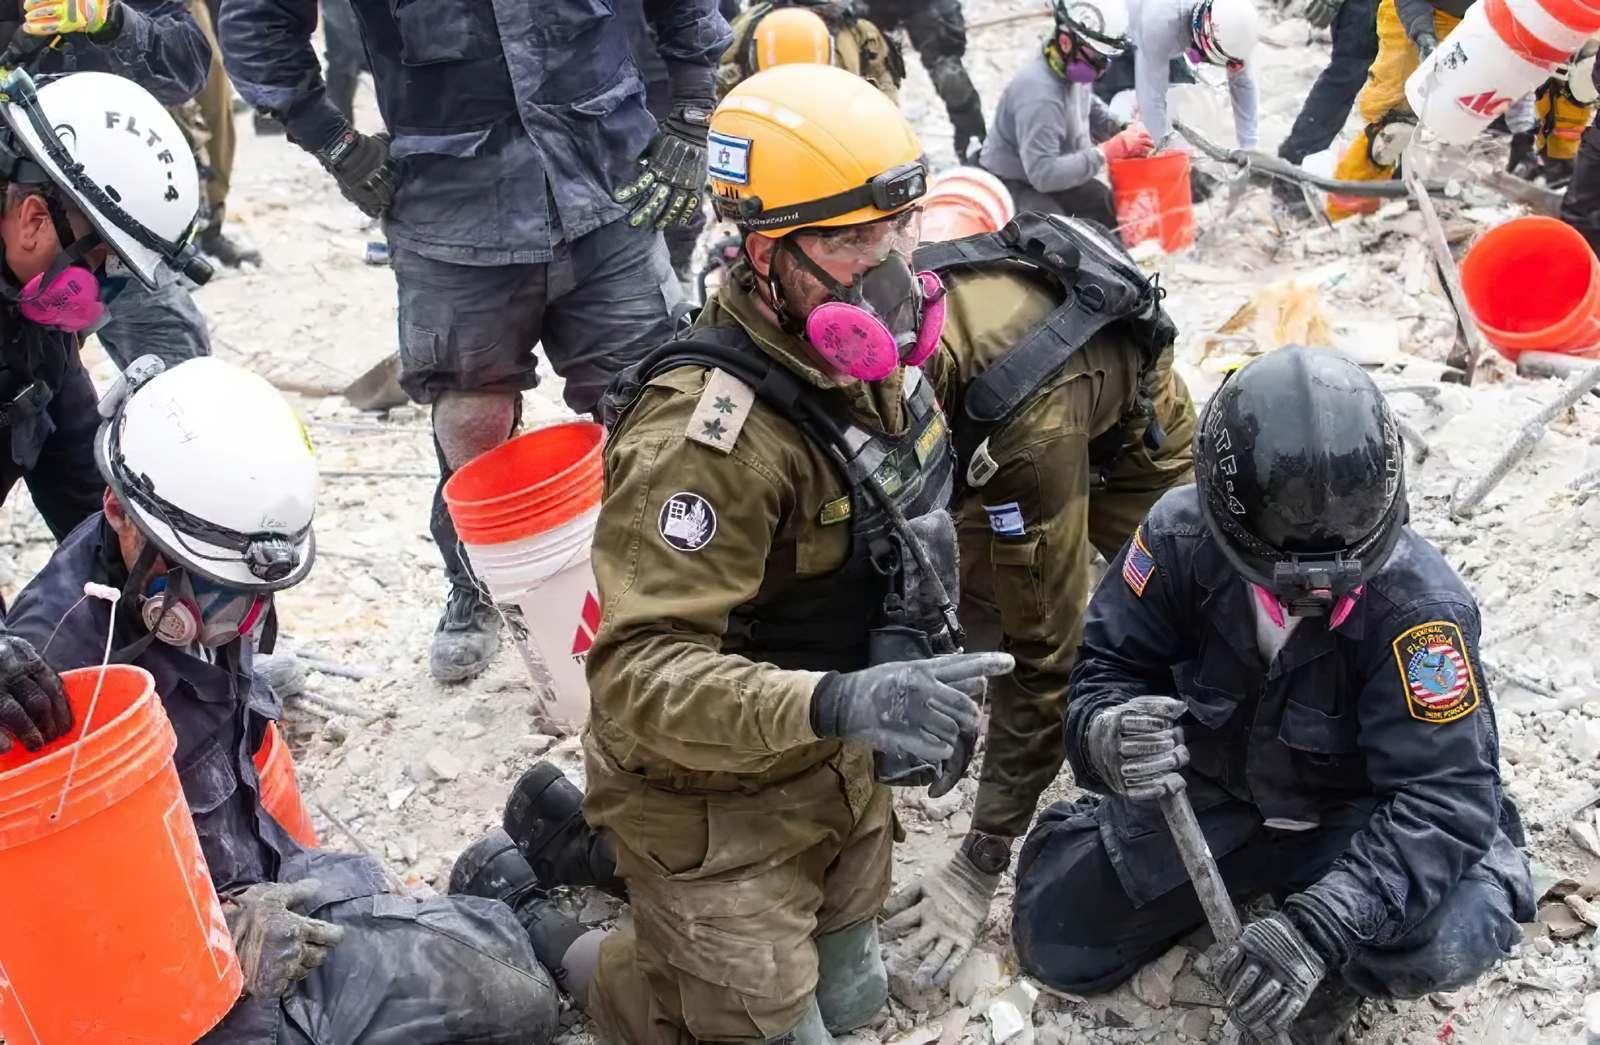 La experiencia israelí pone fin a la catástrofe de Surfside en cuestión de días